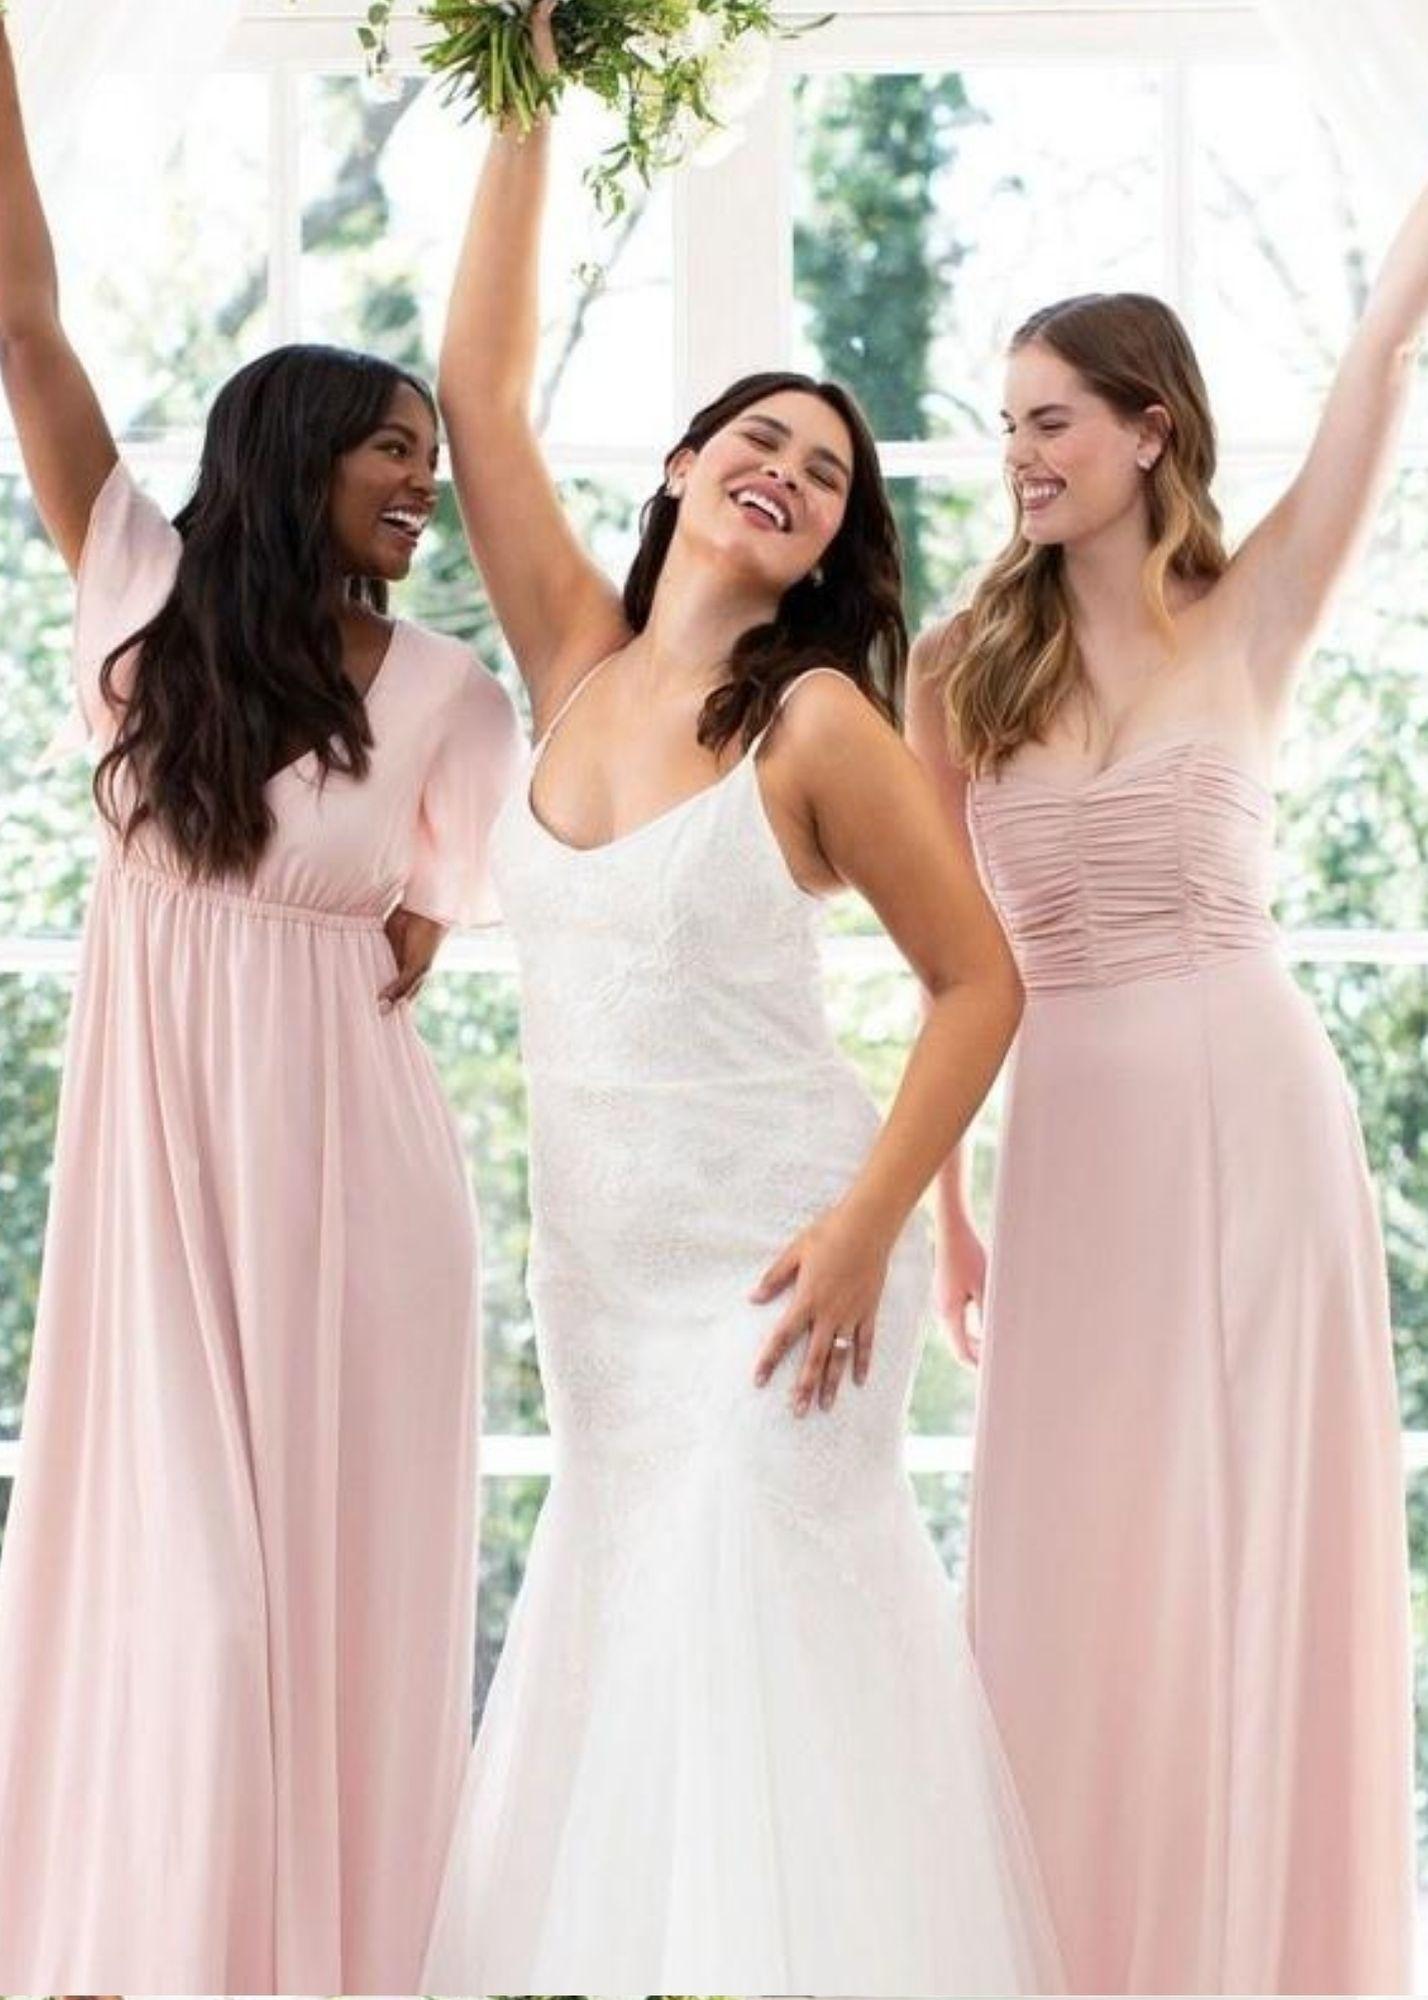 trouw lingerie of shapewear onder je trouwjurk